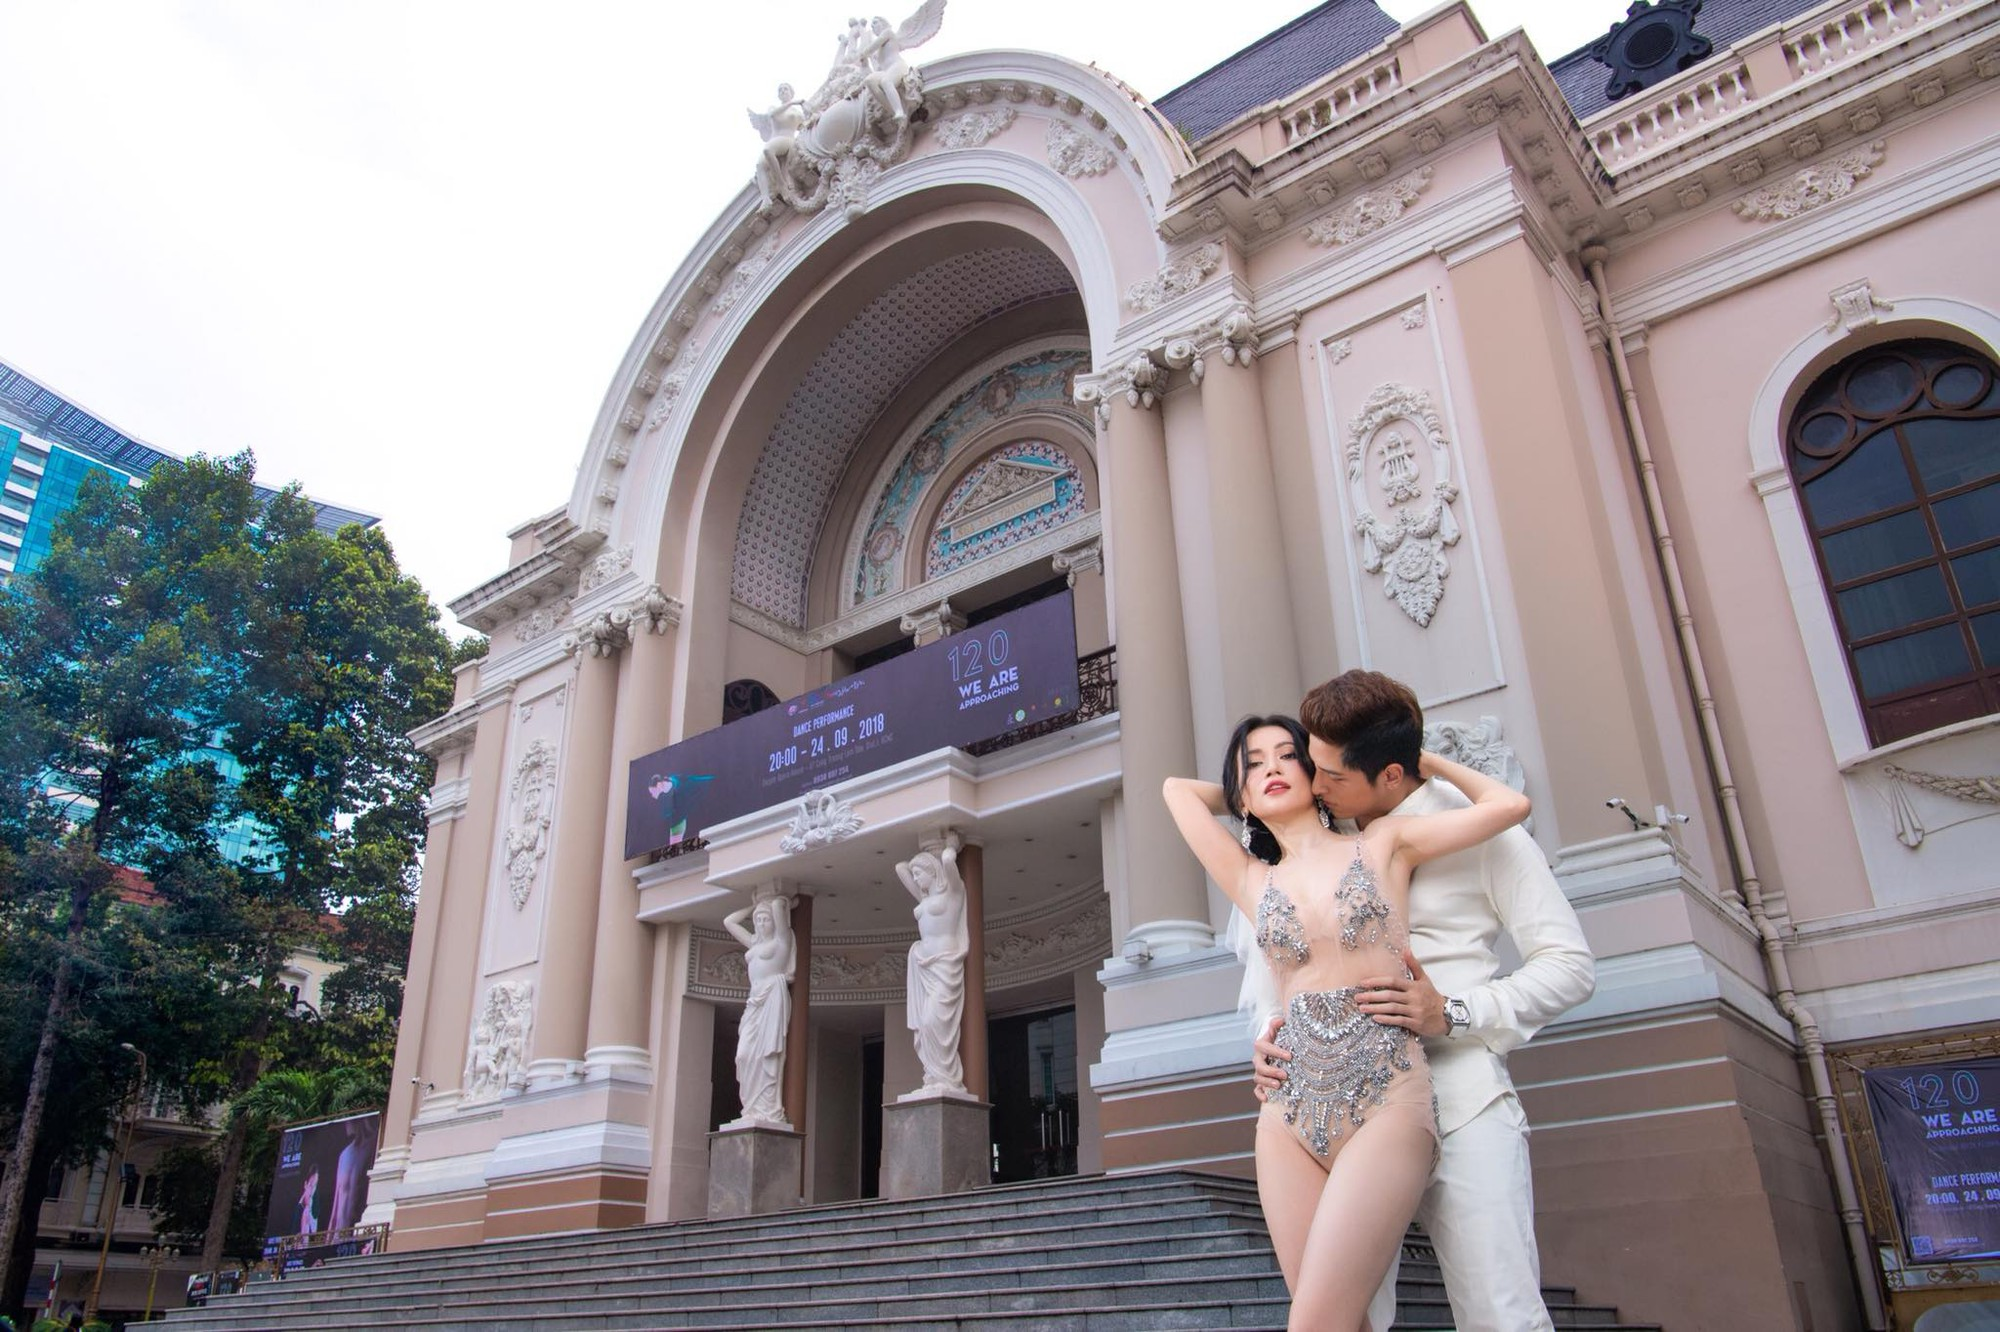 Sĩ Thanh nói về bộ ảnh cưới sexy giữa phố đang bị dân mạng chỉ trích - Ảnh 3.